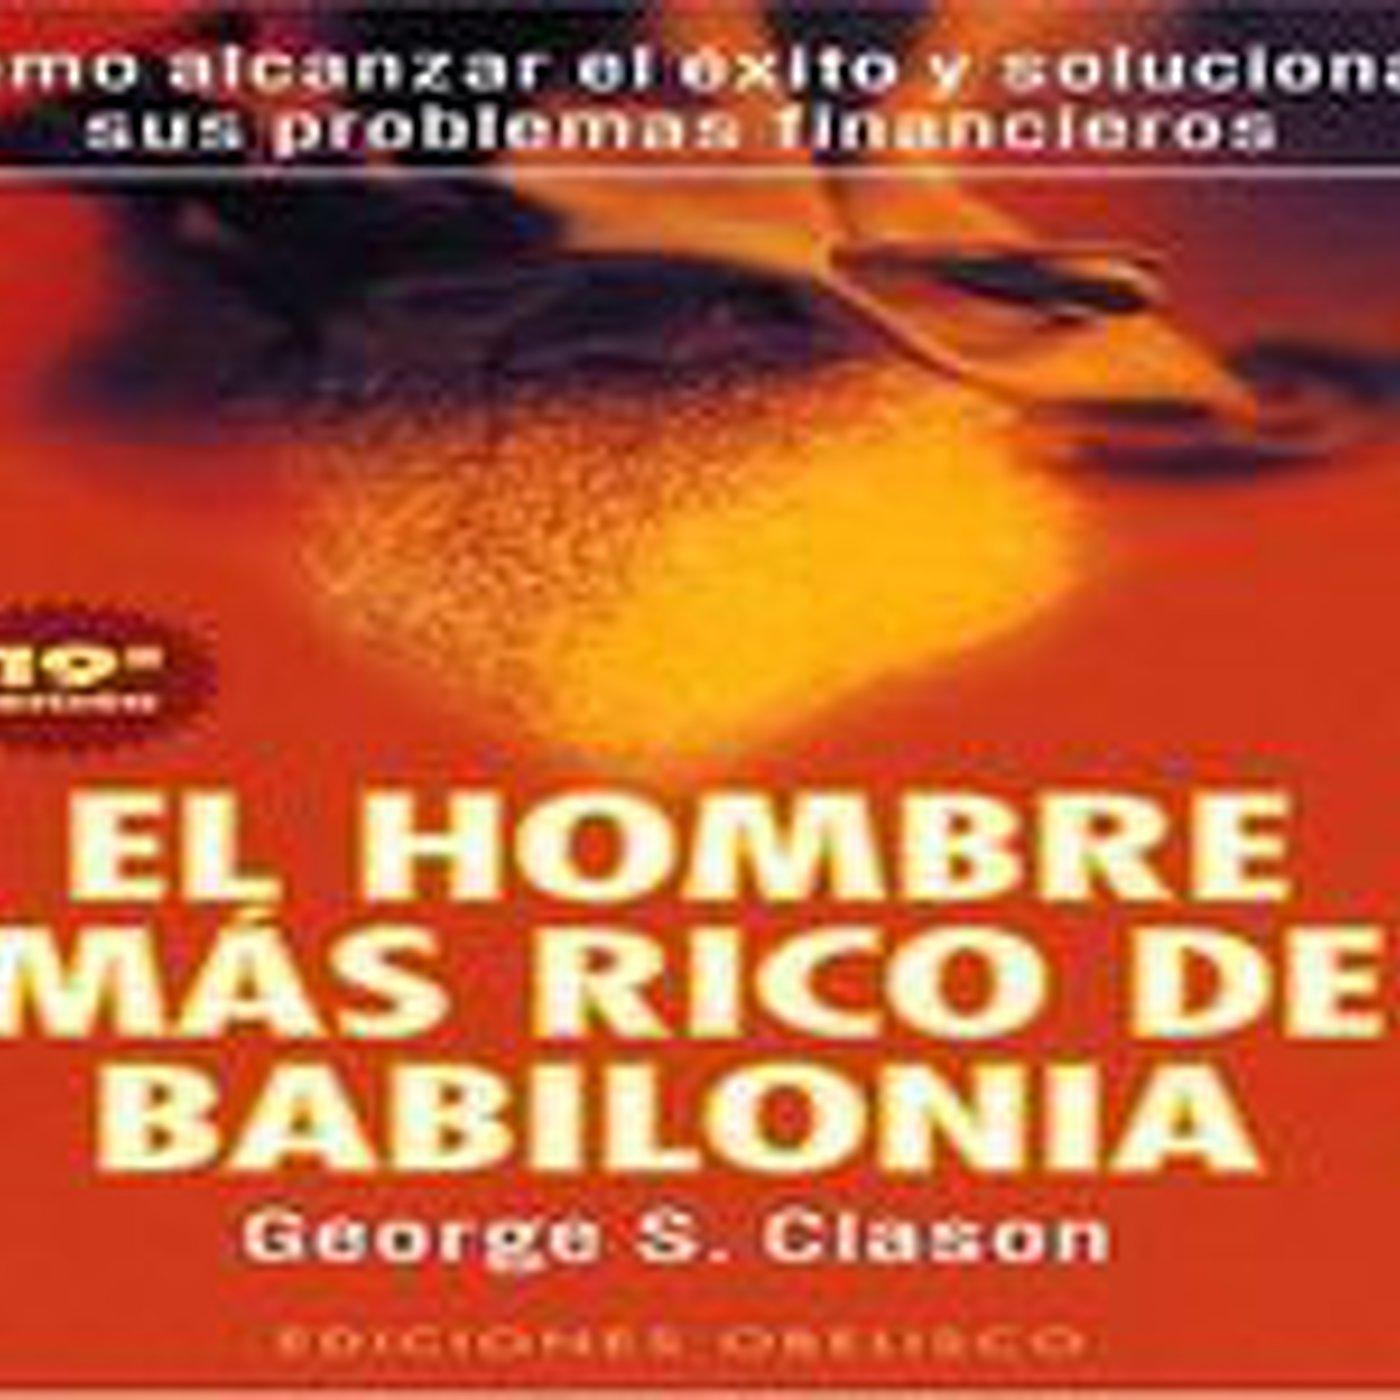 Audiolibro: El hombre mas rico de babilonia - George S